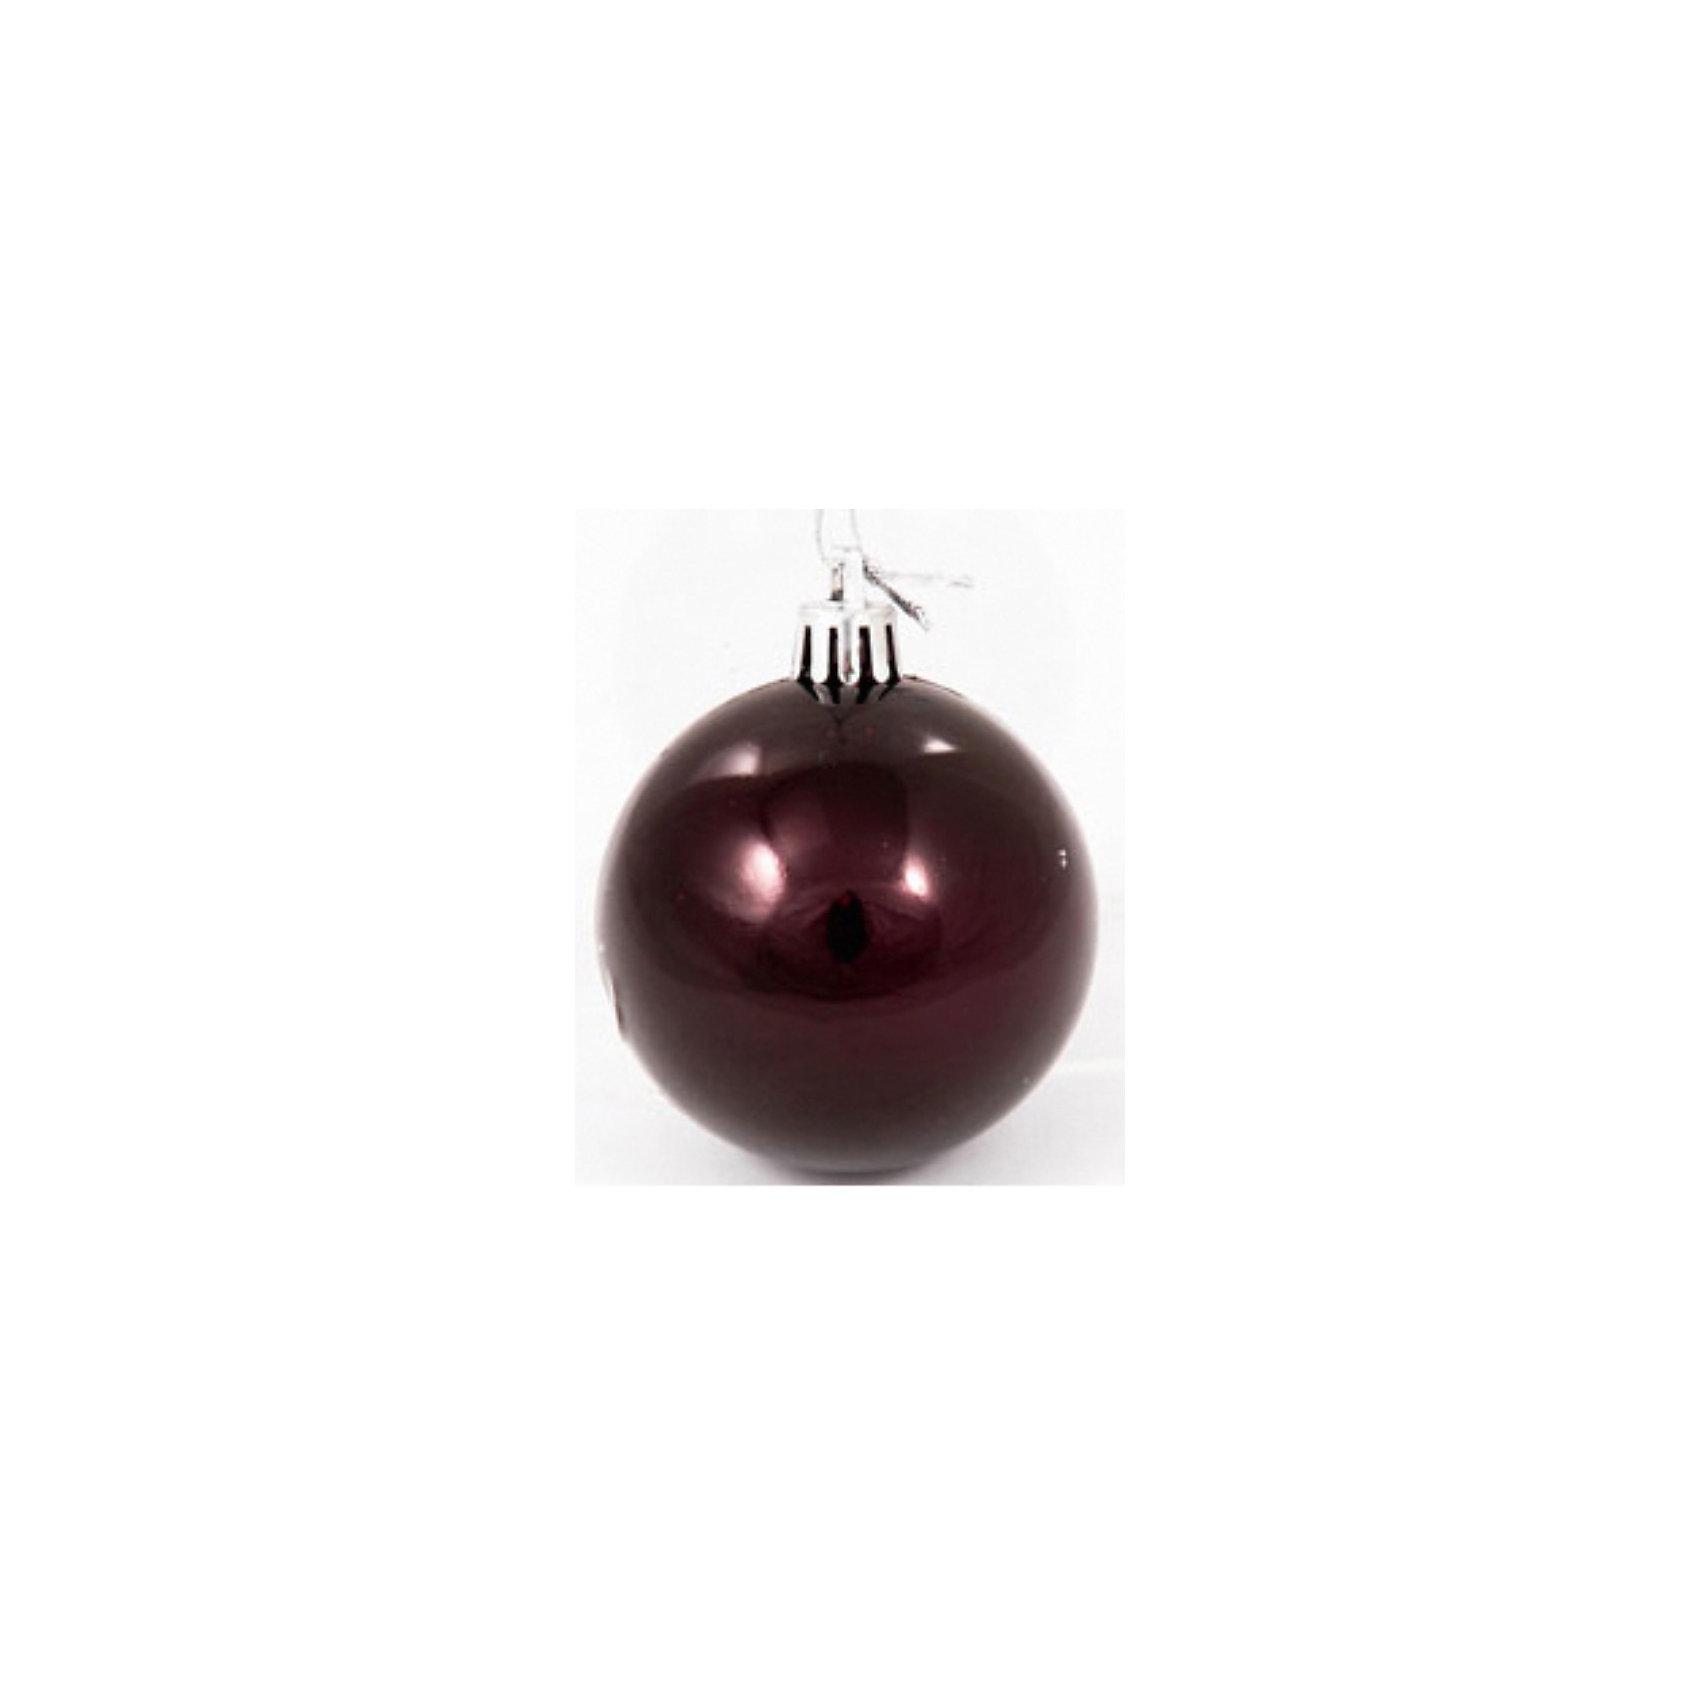 Шары в наборе, 6 см, 6 шт.Шары, Волшебная страна станут замечательным украшением для Вашей новогодней елки и помогут создать праздничную волшебную атмосферу. В комплекте шесть шаров с различной поверхностью: 3 перламутровых шара черничного цвета и 3 сверкающих шара золотистого цвета, они будут чудесно смотреться на елке и радовать детей и взрослых. Шары упакованы в прозрачную коробочку из ПВХ.<br><br>Дополнительная информация:<br><br>- Цвет: перламутровый/черничный, сверкающий/золото.<br>- В комплекте: 6 шт.<br>- Диаметр шара: 6 см.<br>- Размер упаковки: 17,6 x 11,6 x 5,9 см.<br>- Вес: 100 гр.<br><br>Шары, Волшебная страна можно купить в нашем интернет-магазине.<br><br>Ширина мм: 730<br>Глубина мм: 120<br>Высота мм: 60<br>Вес г: 100<br>Возраст от месяцев: 60<br>Возраст до месяцев: 180<br>Пол: Унисекс<br>Возраст: Детский<br>SKU: 3791376